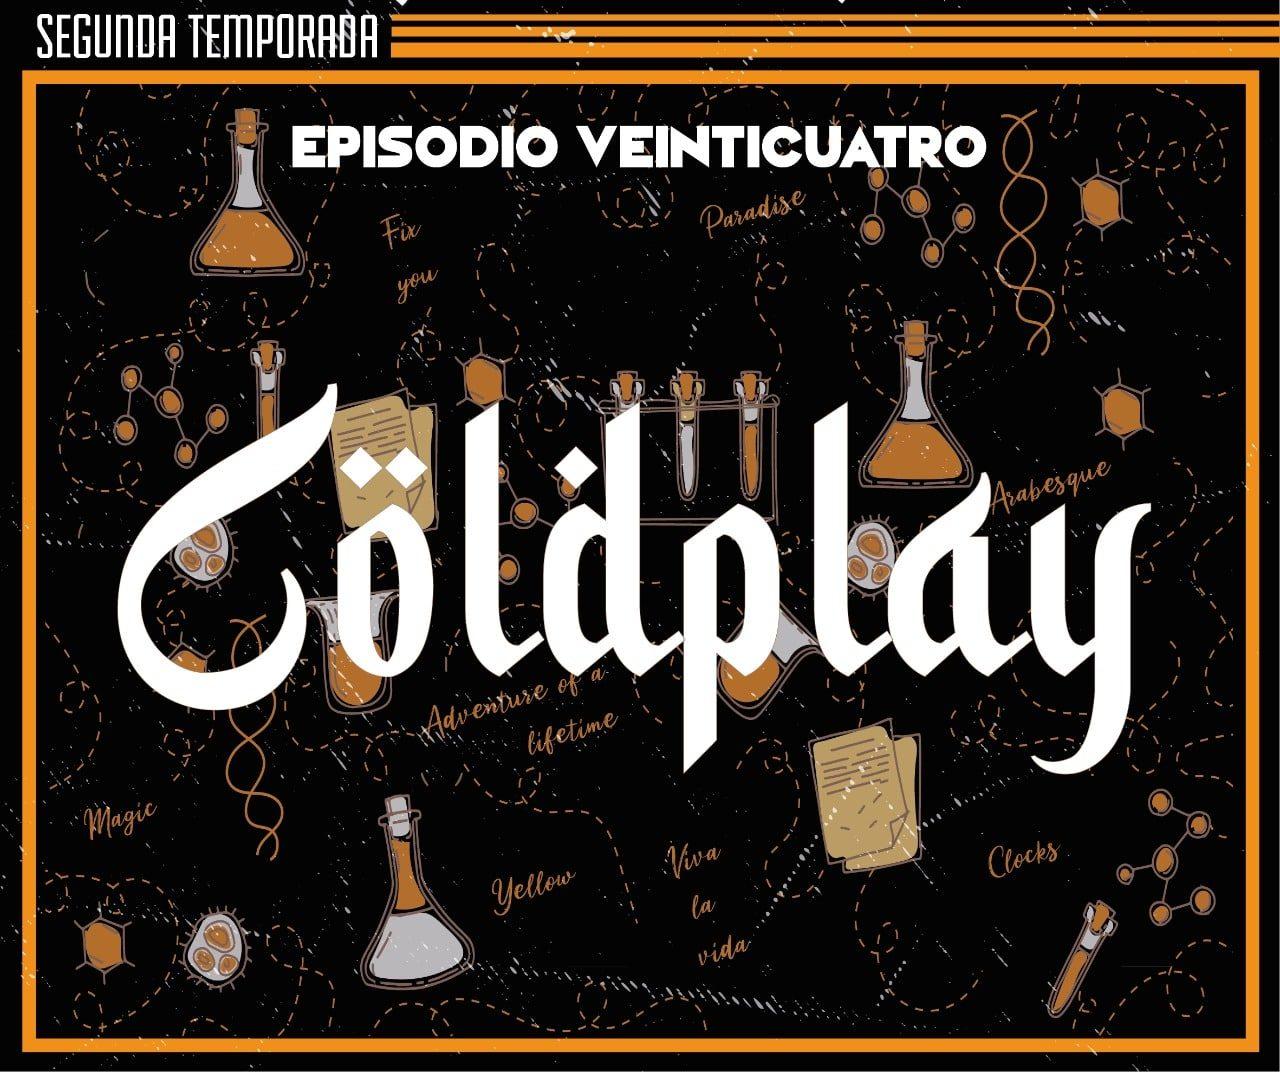 Coldplay: Atmósferas de pianos y sintetizadores volando por doquier